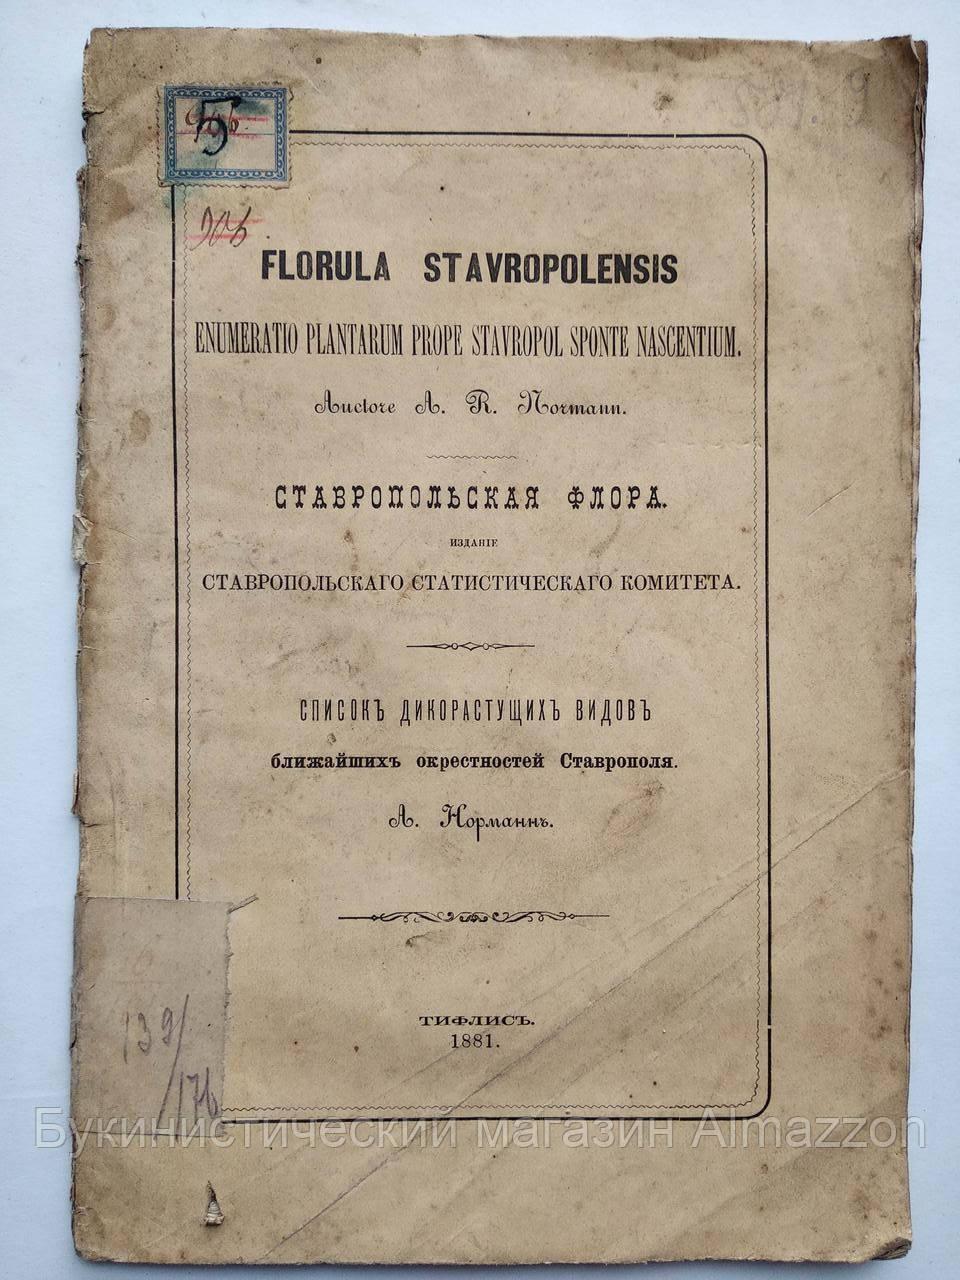 1881 Ставрополь Список дикорастущих видов